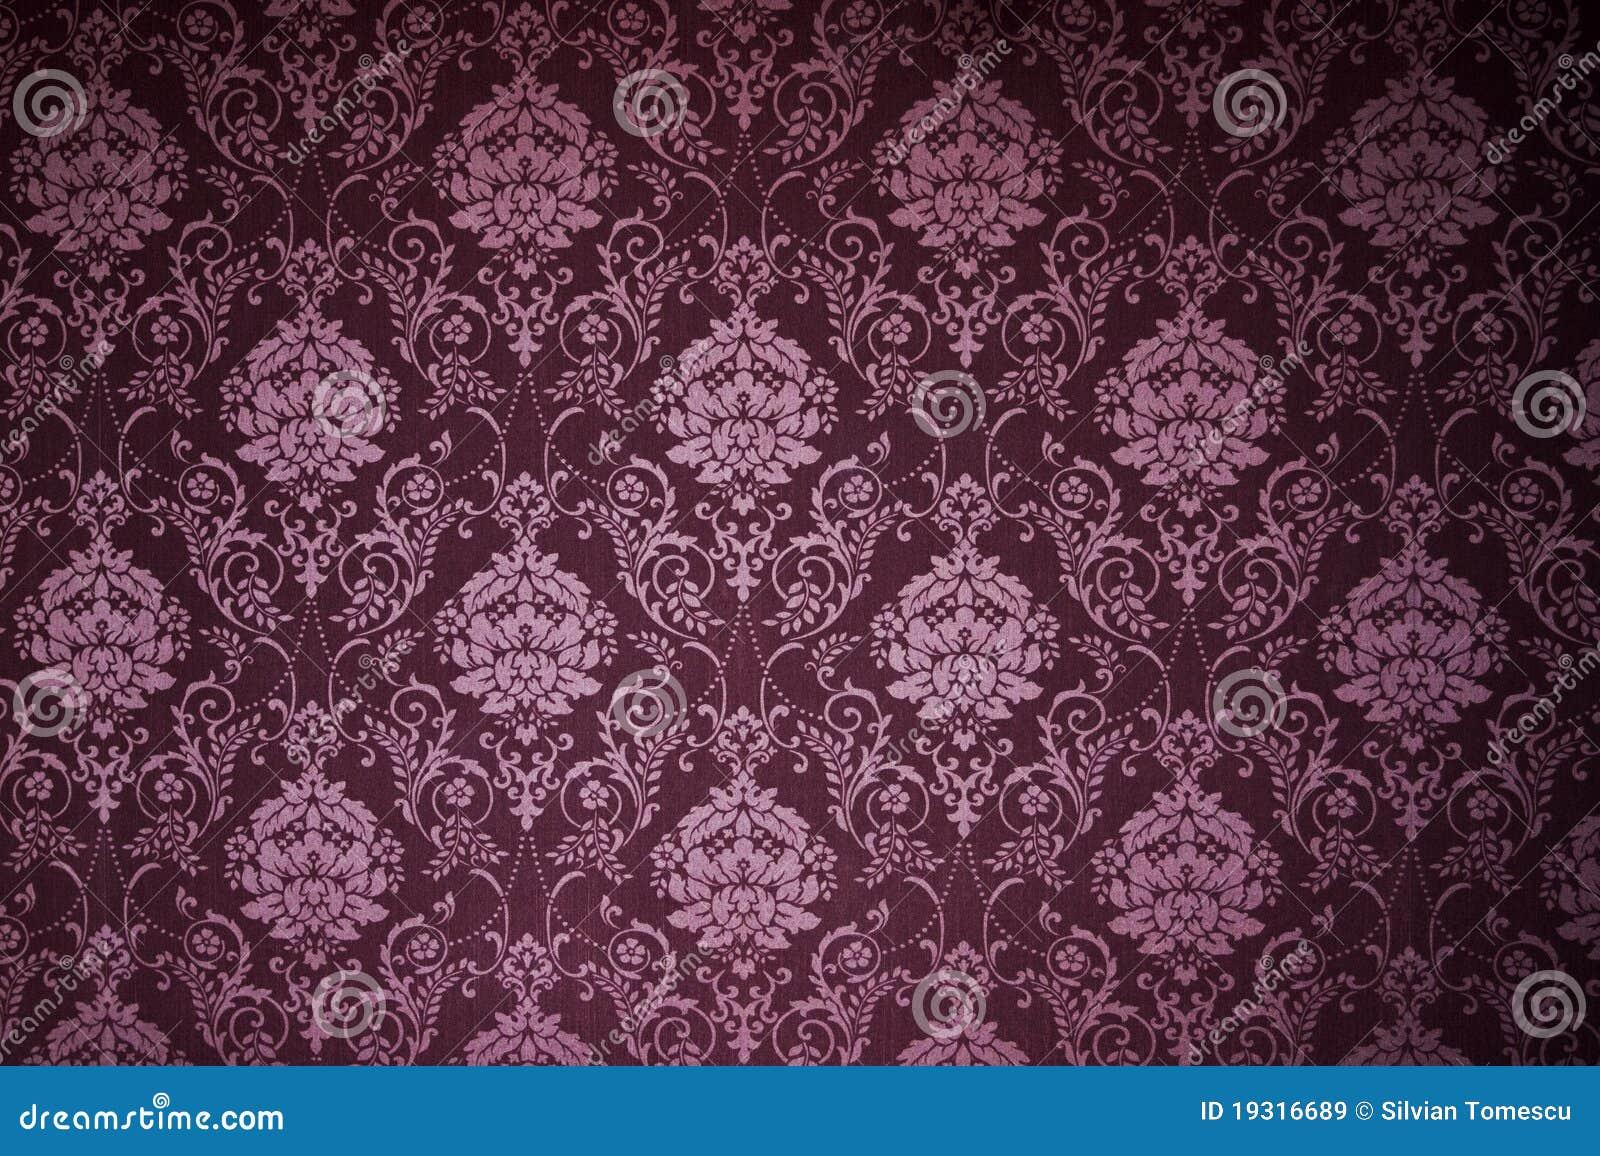 Victorian wallpaper textures